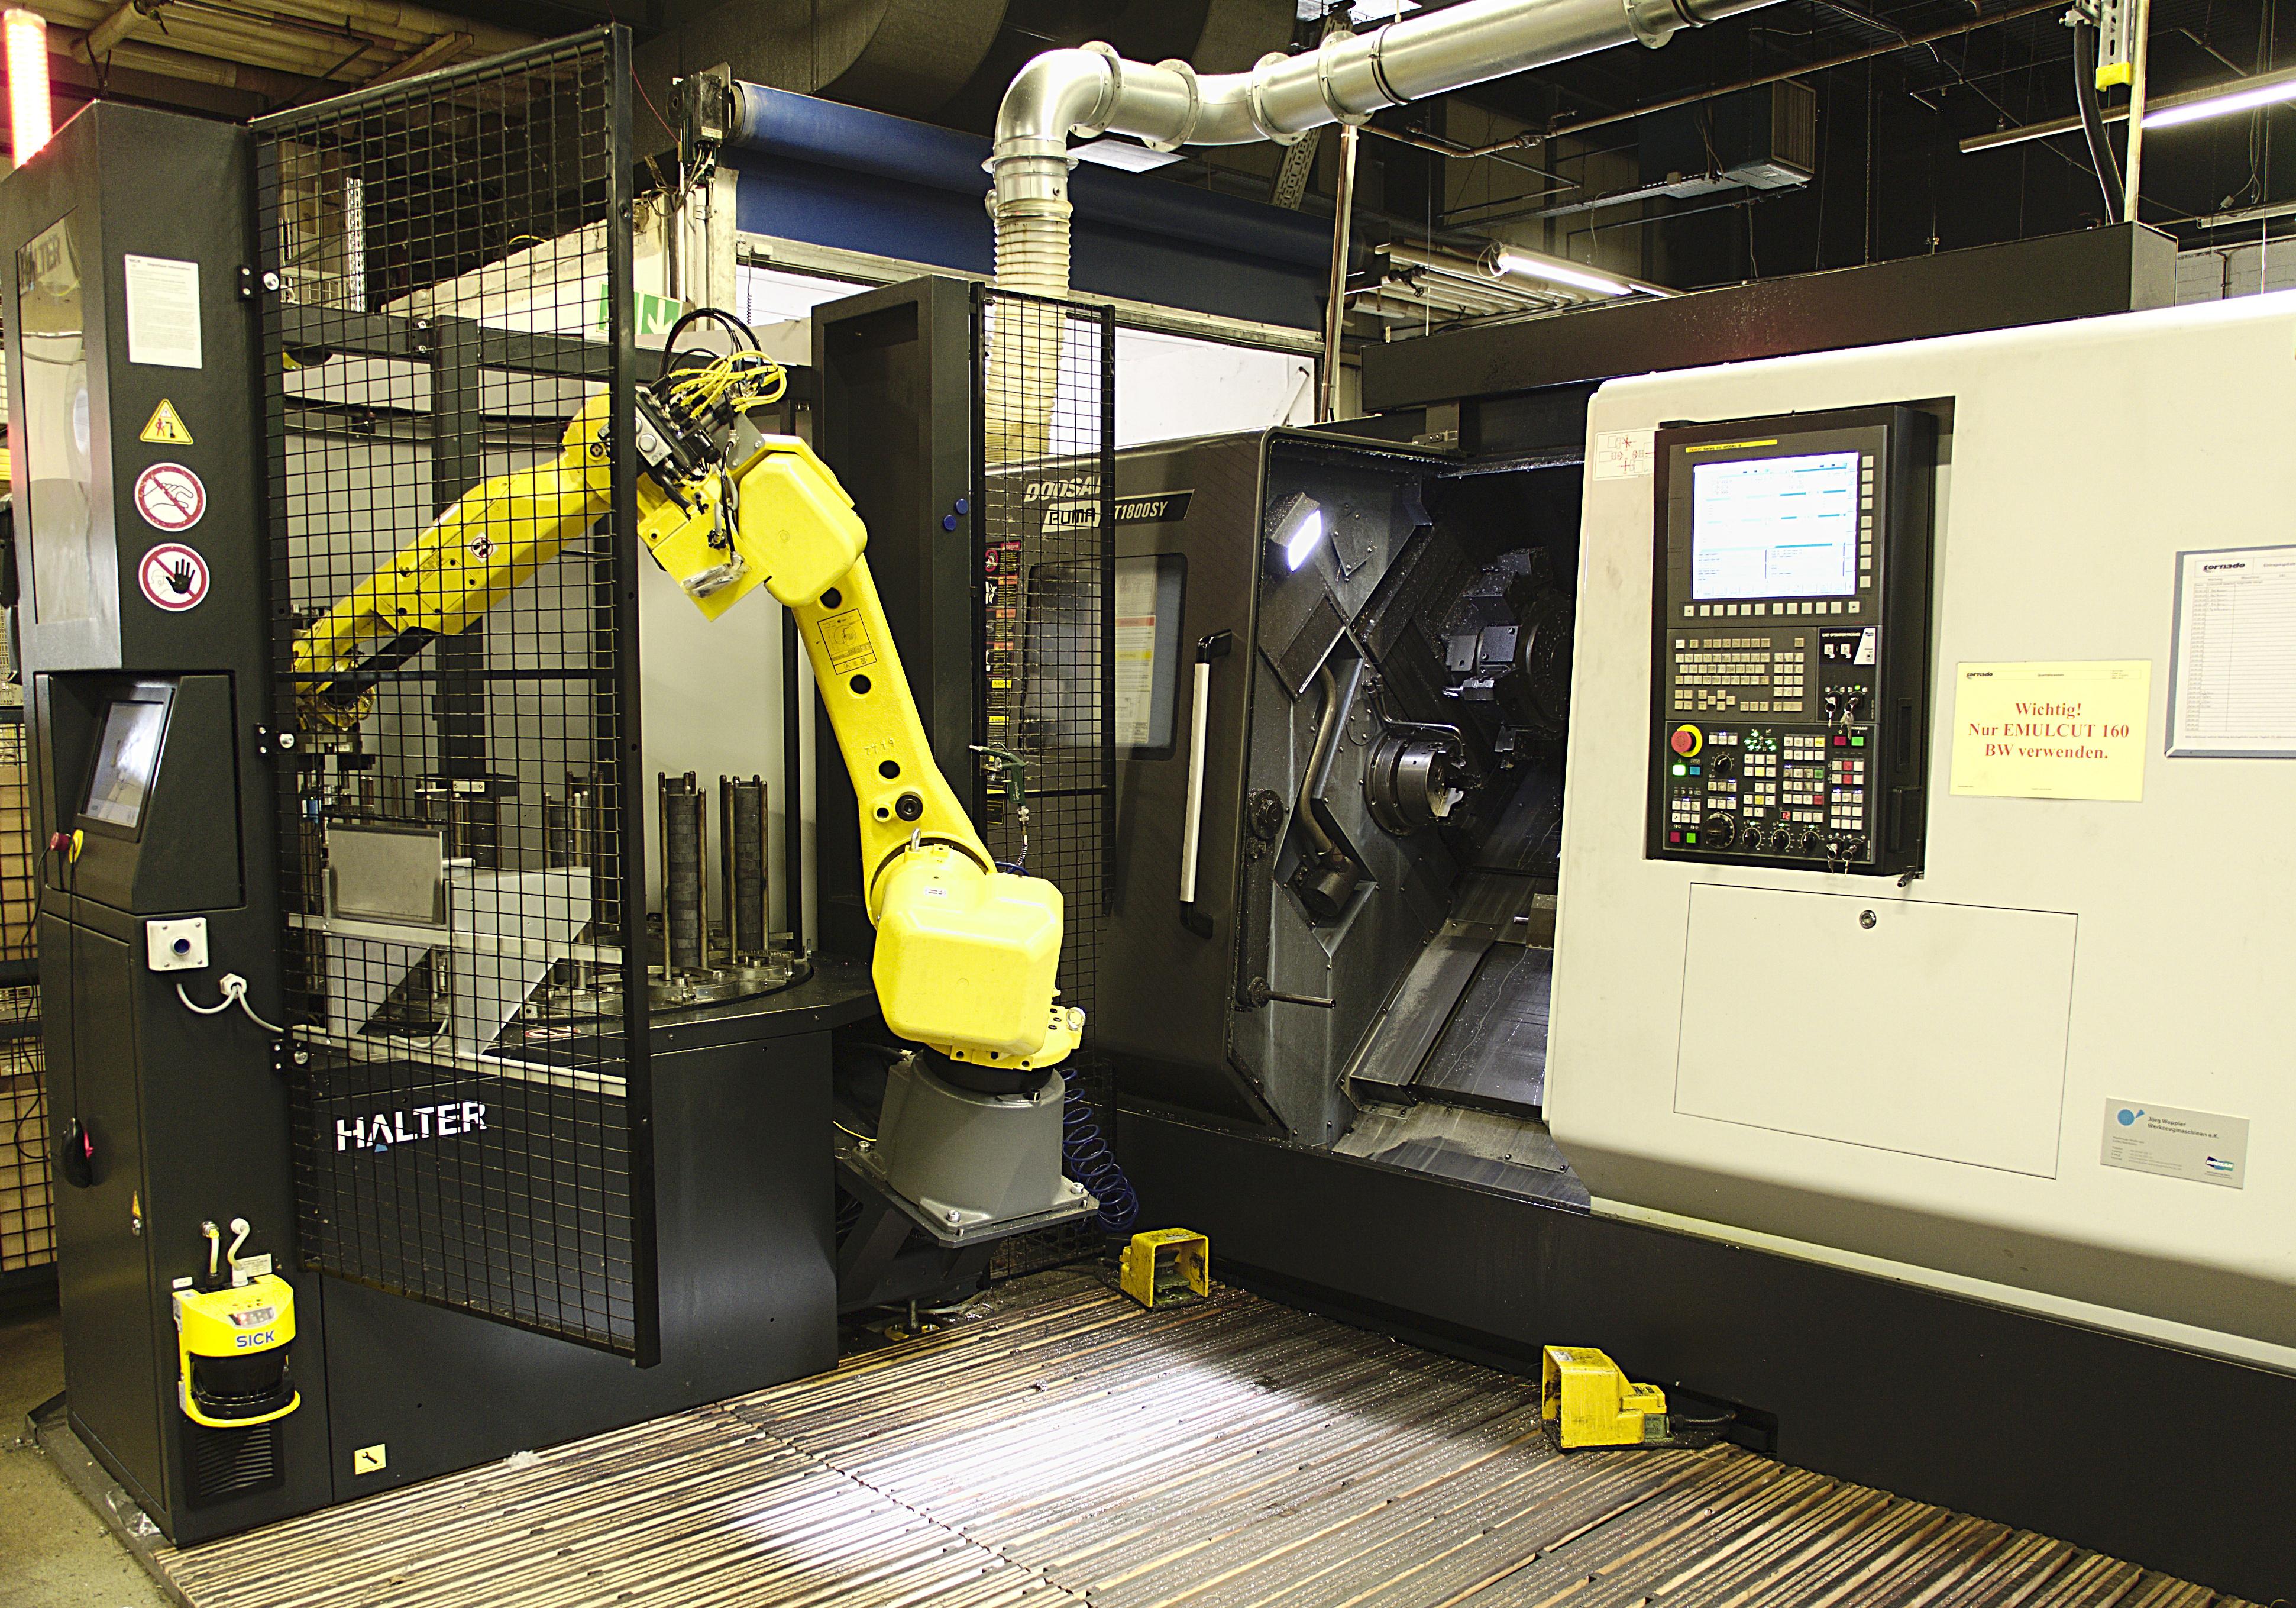 Einfacher Einstieg in die robotergestützte Fertigung